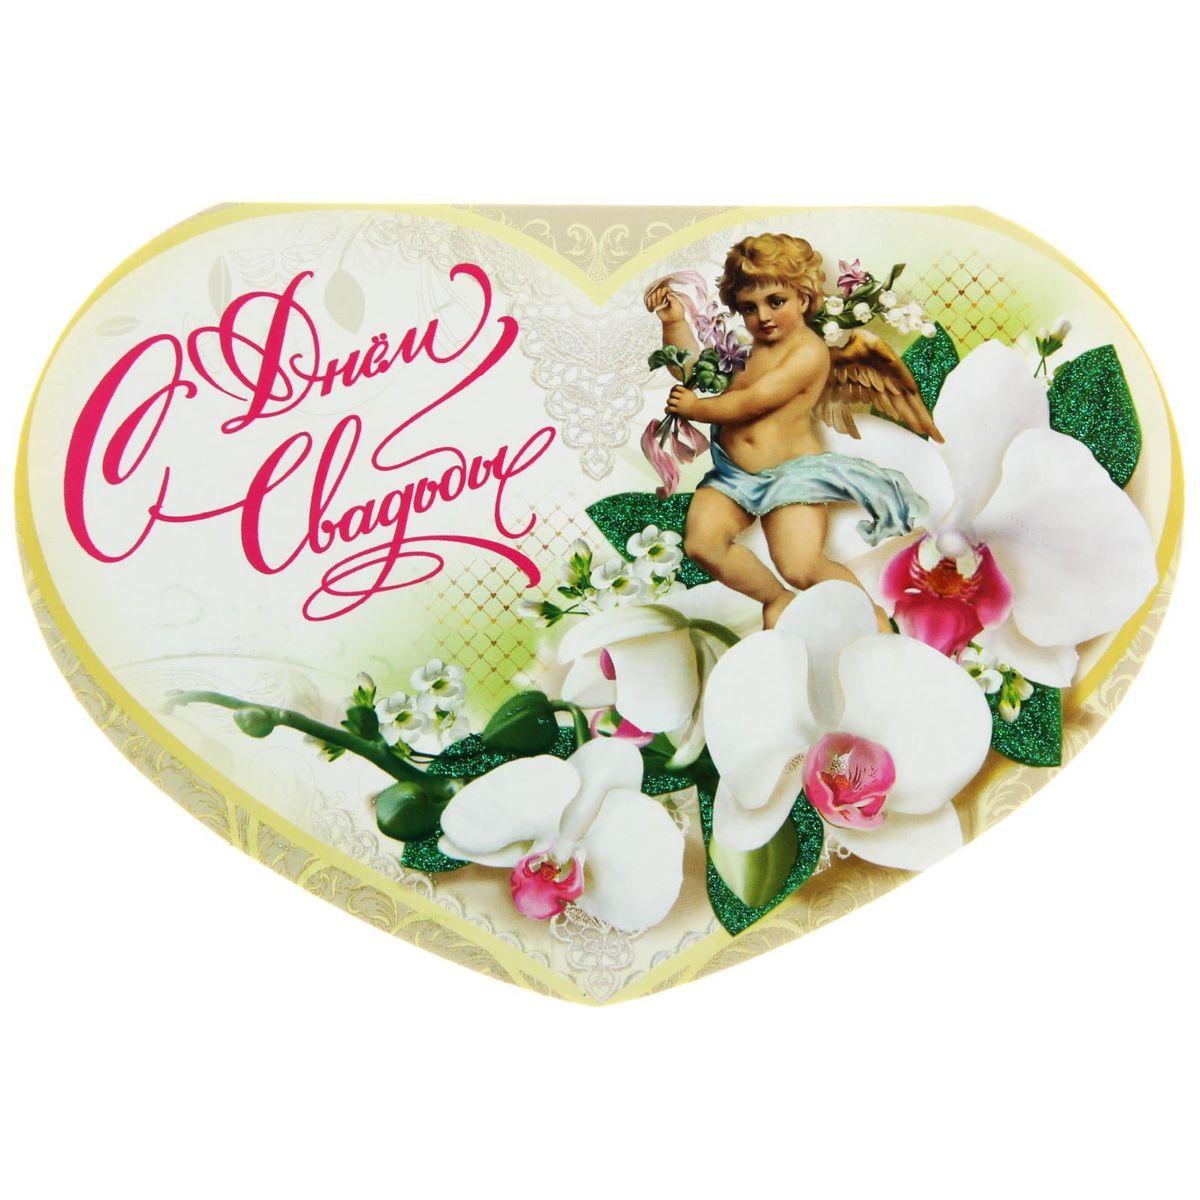 Открытка Эдельвейс С днем свадьбы. Ангел1263233Если вы хотите порадовать себя или близких, создать праздничное настроение и с улыбкой провести памятный день, то вы, несомненно, сделали правильный выбор! Открытка Открытка Эдельвейс С днем свадьбы, выполненная из плотной бумаги, отличается не только оригинальным дизайном, но и высоким качеством. Лицевая сторона изделия оформлена ярким изображением. Внутри открытка содержит текст с поздравлением. Такая открытка непременно порадует получателя и станет отличным напоминанием о проведенном вместе времени.